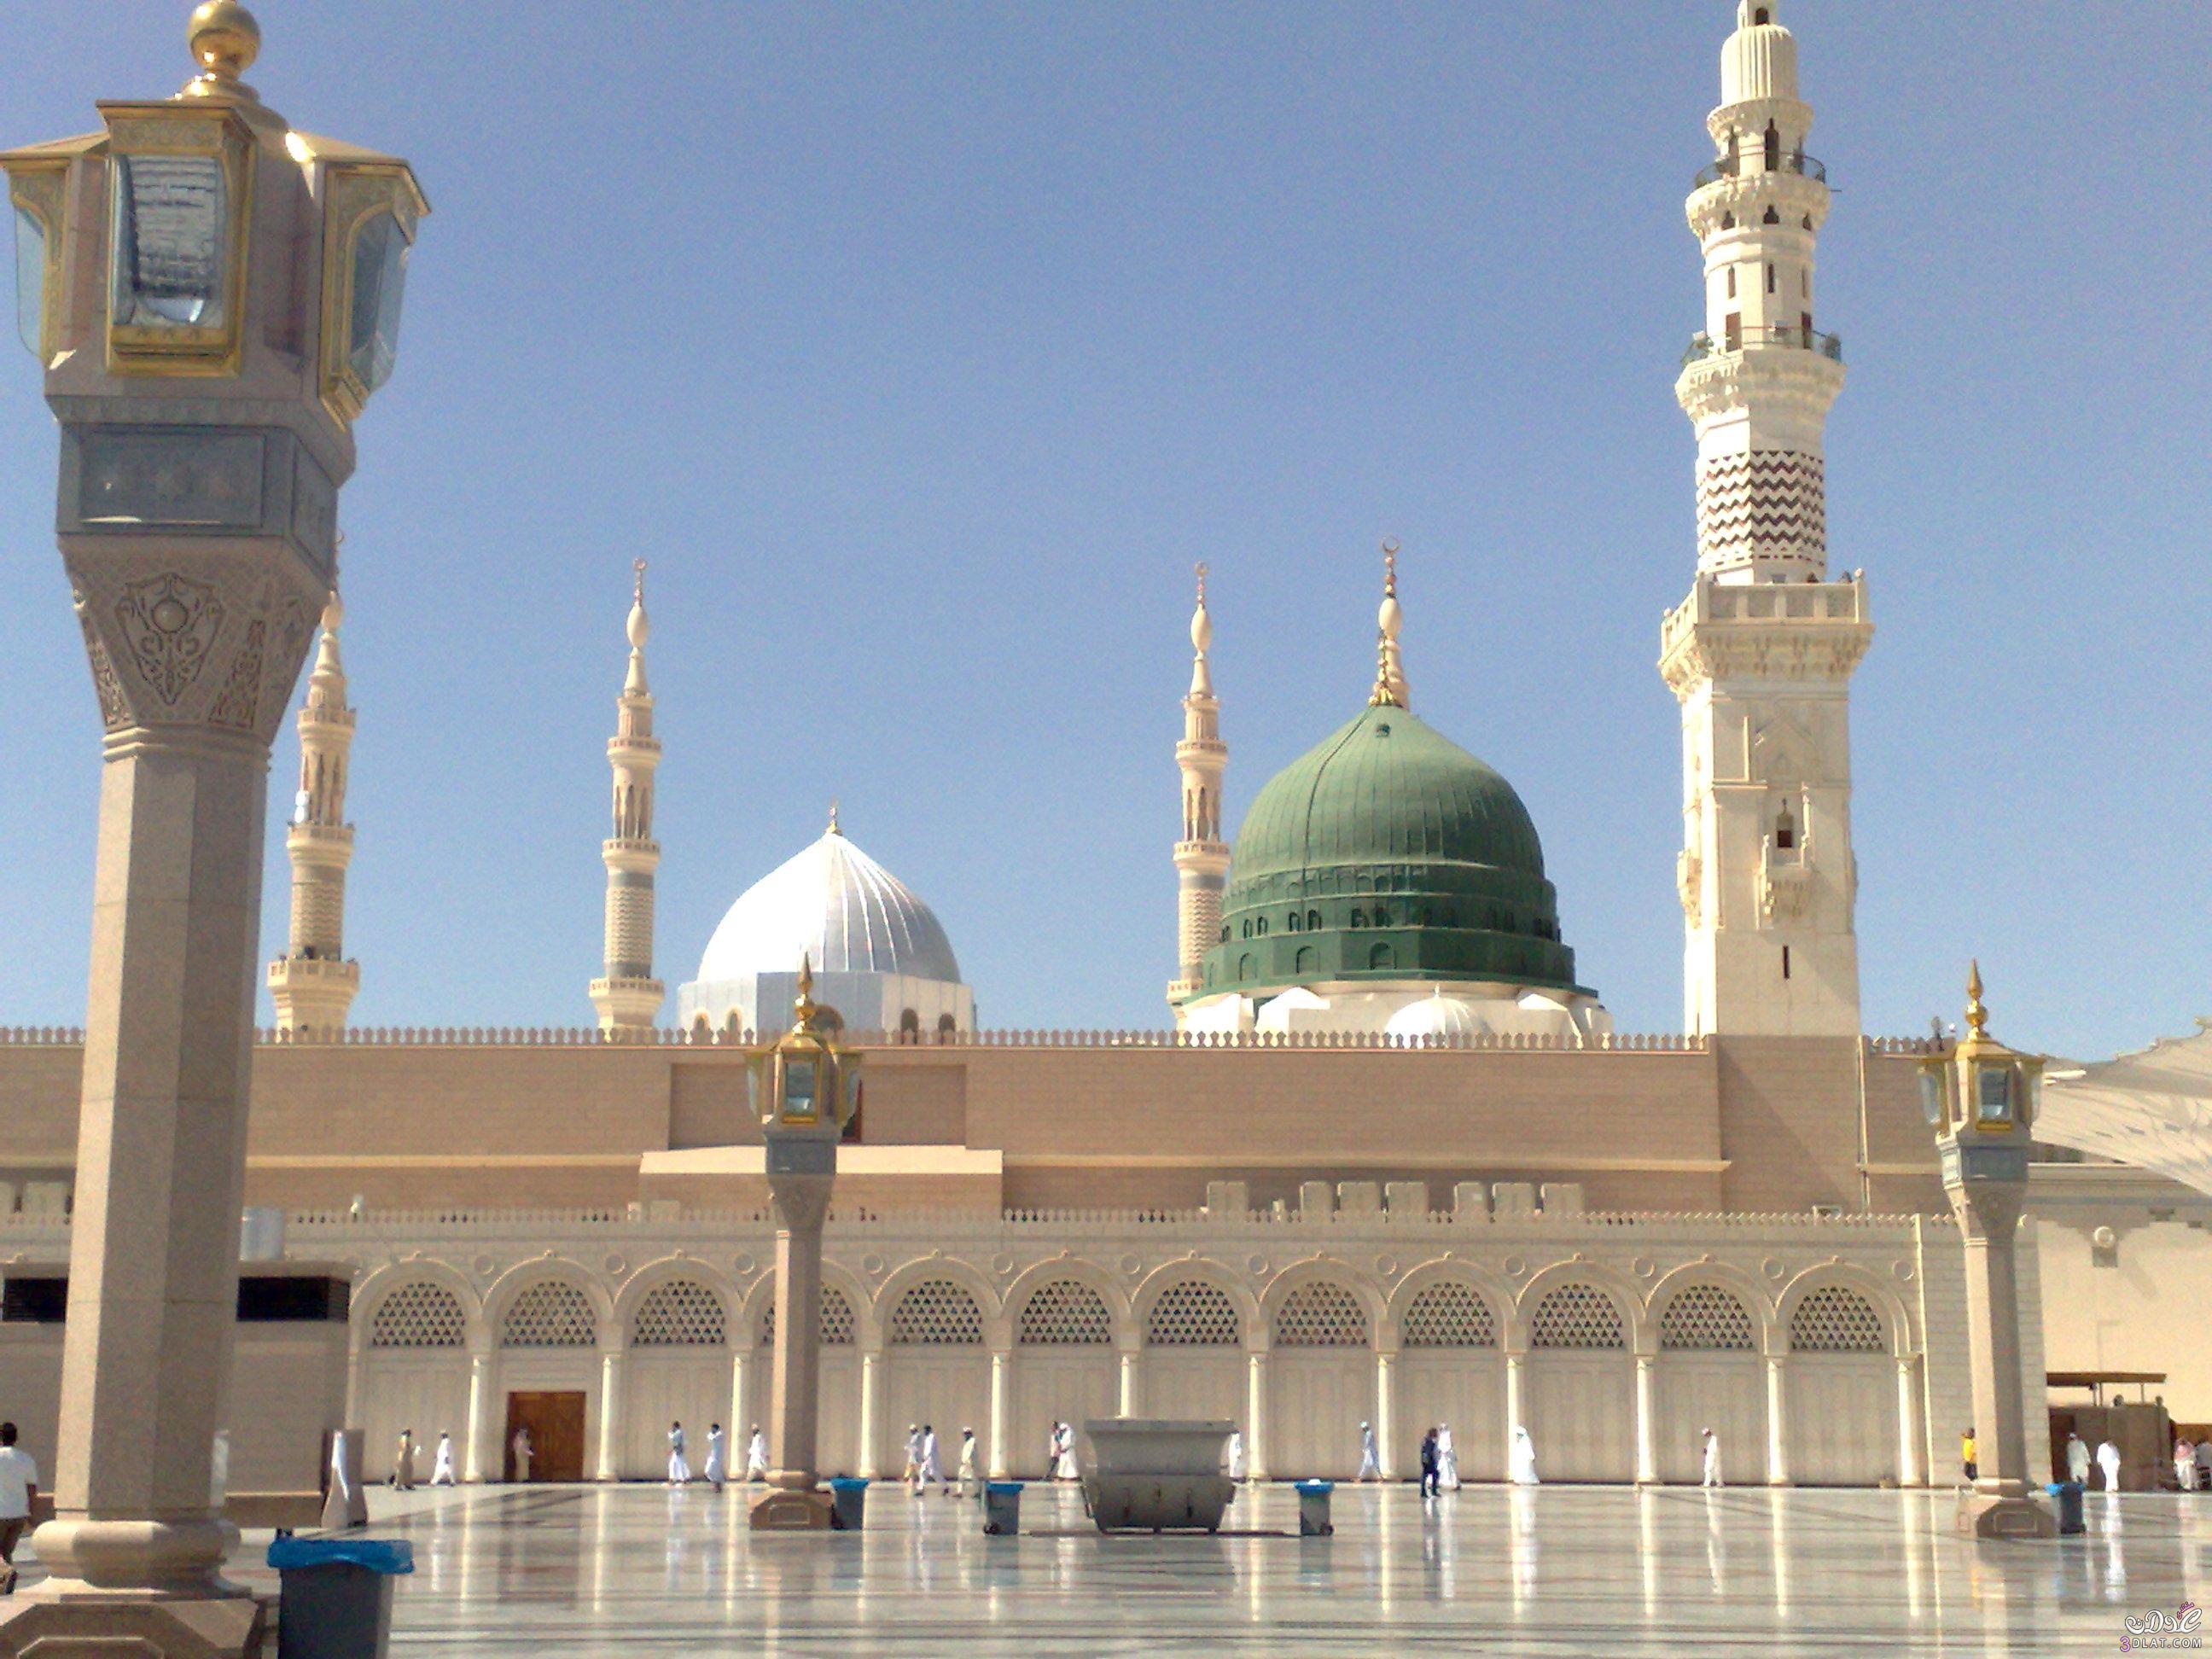 بالصور صور المدينة المنورة , مظاهر جمال المدينه المنورة 2906 6